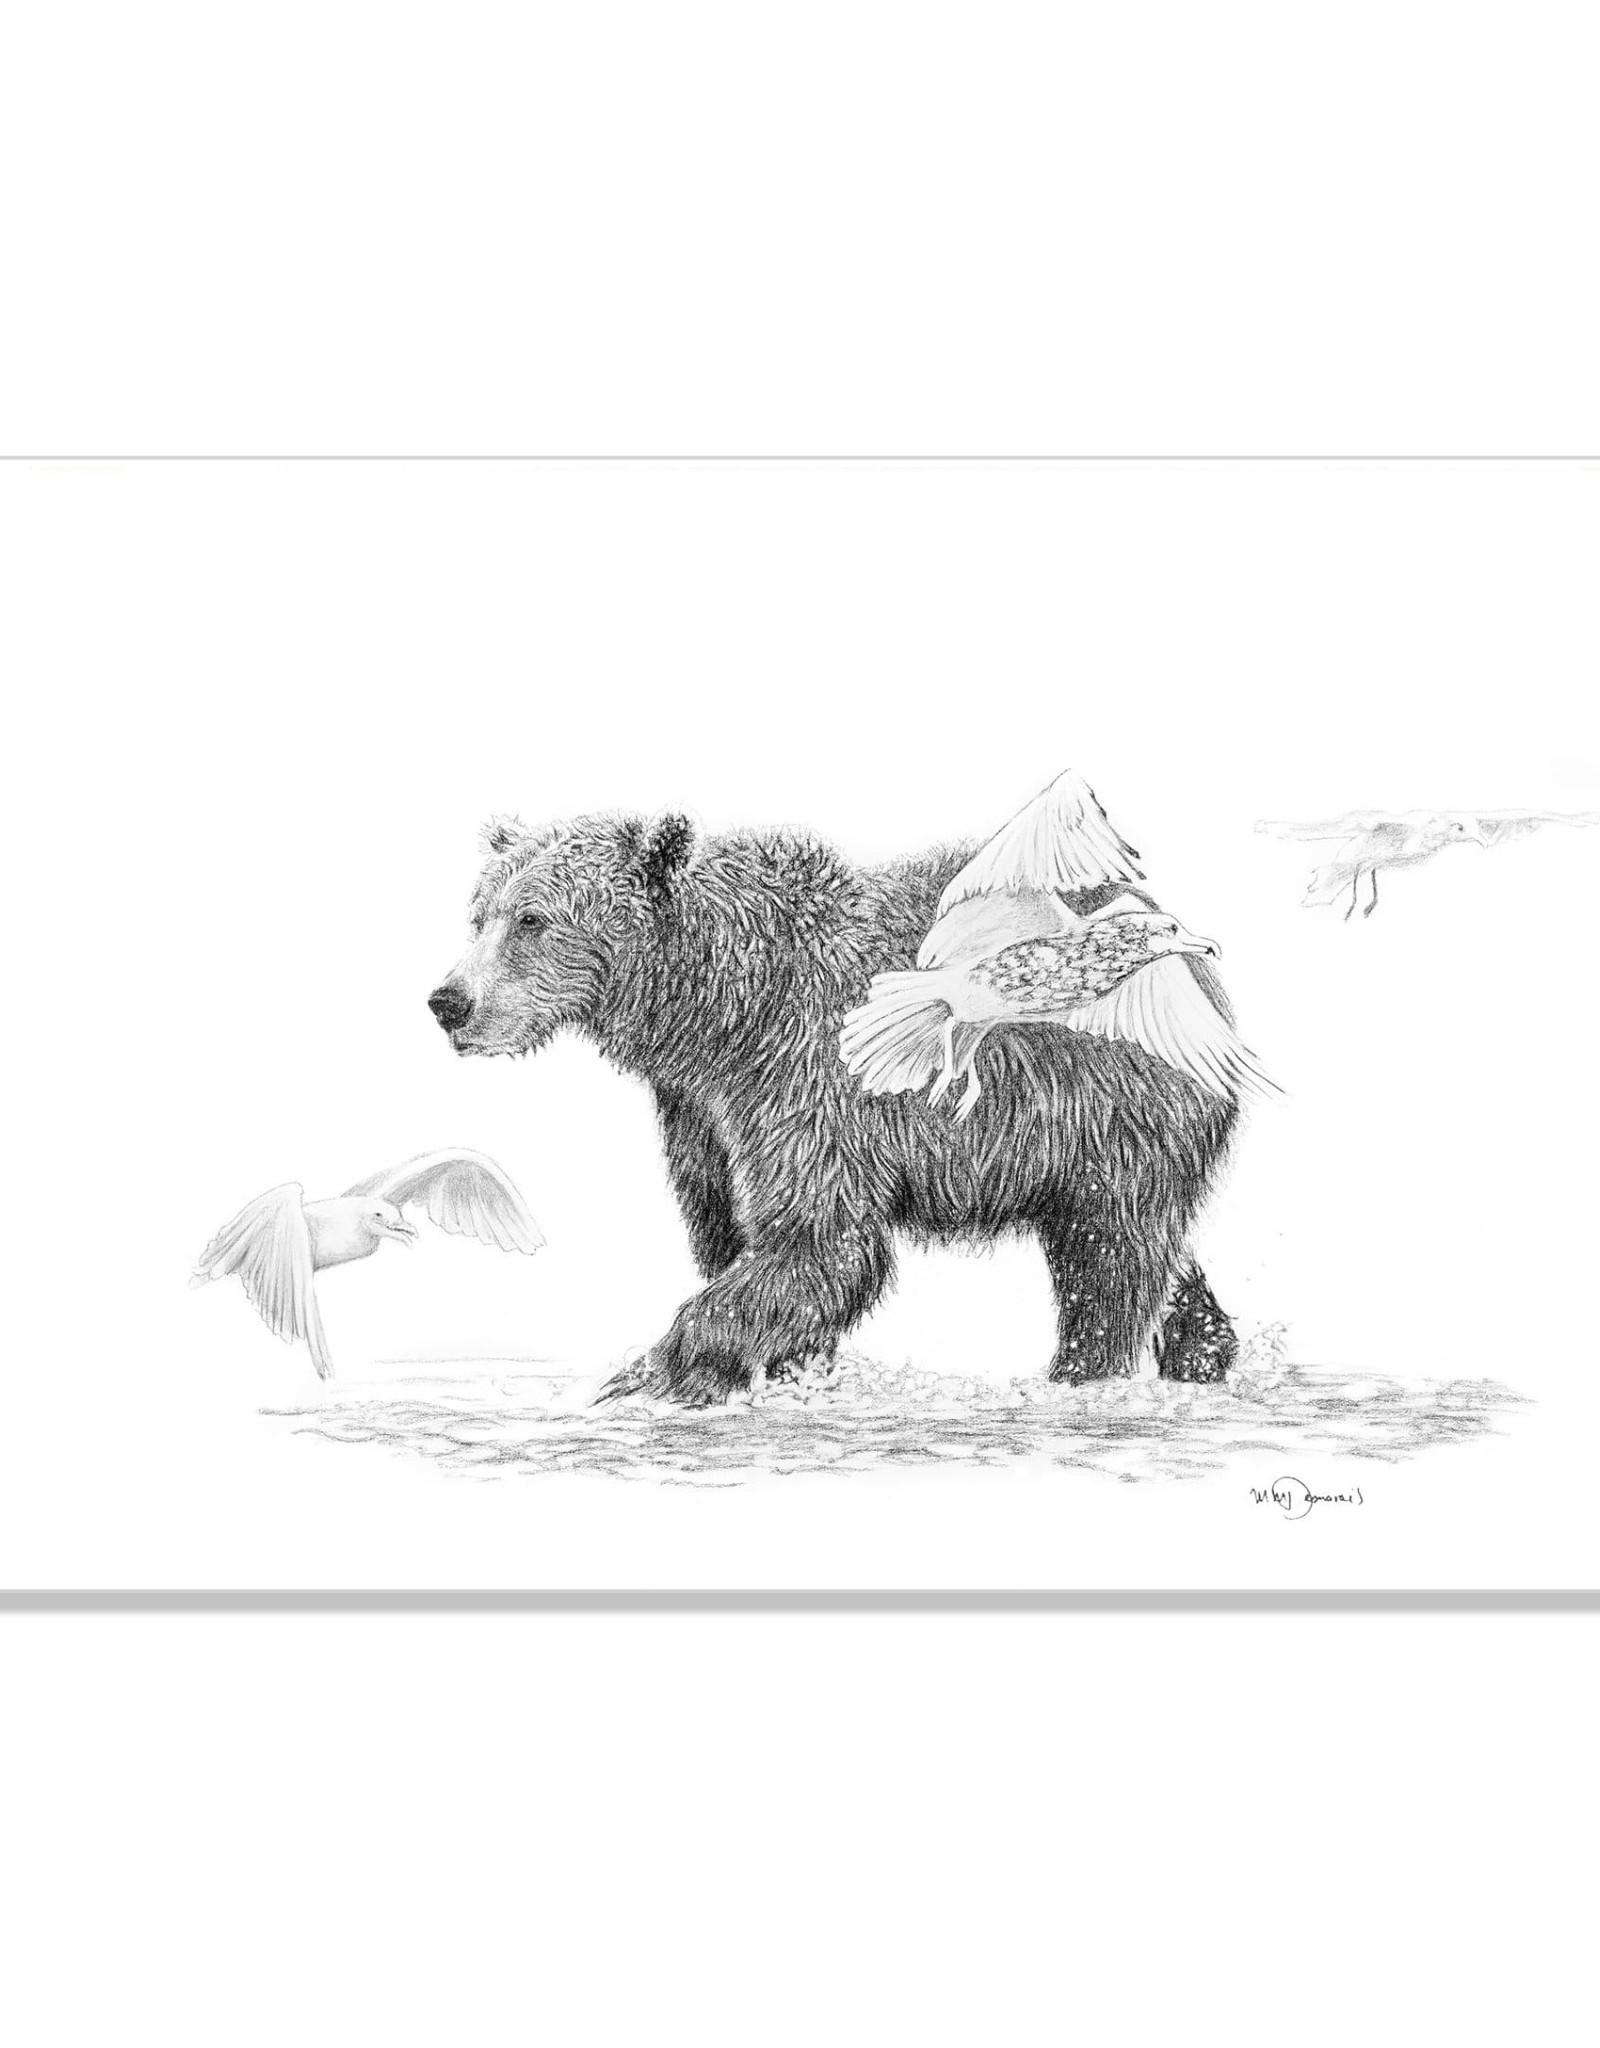 Le Nid atelier Illustration 18x24 - Grizzly avec oiseaux